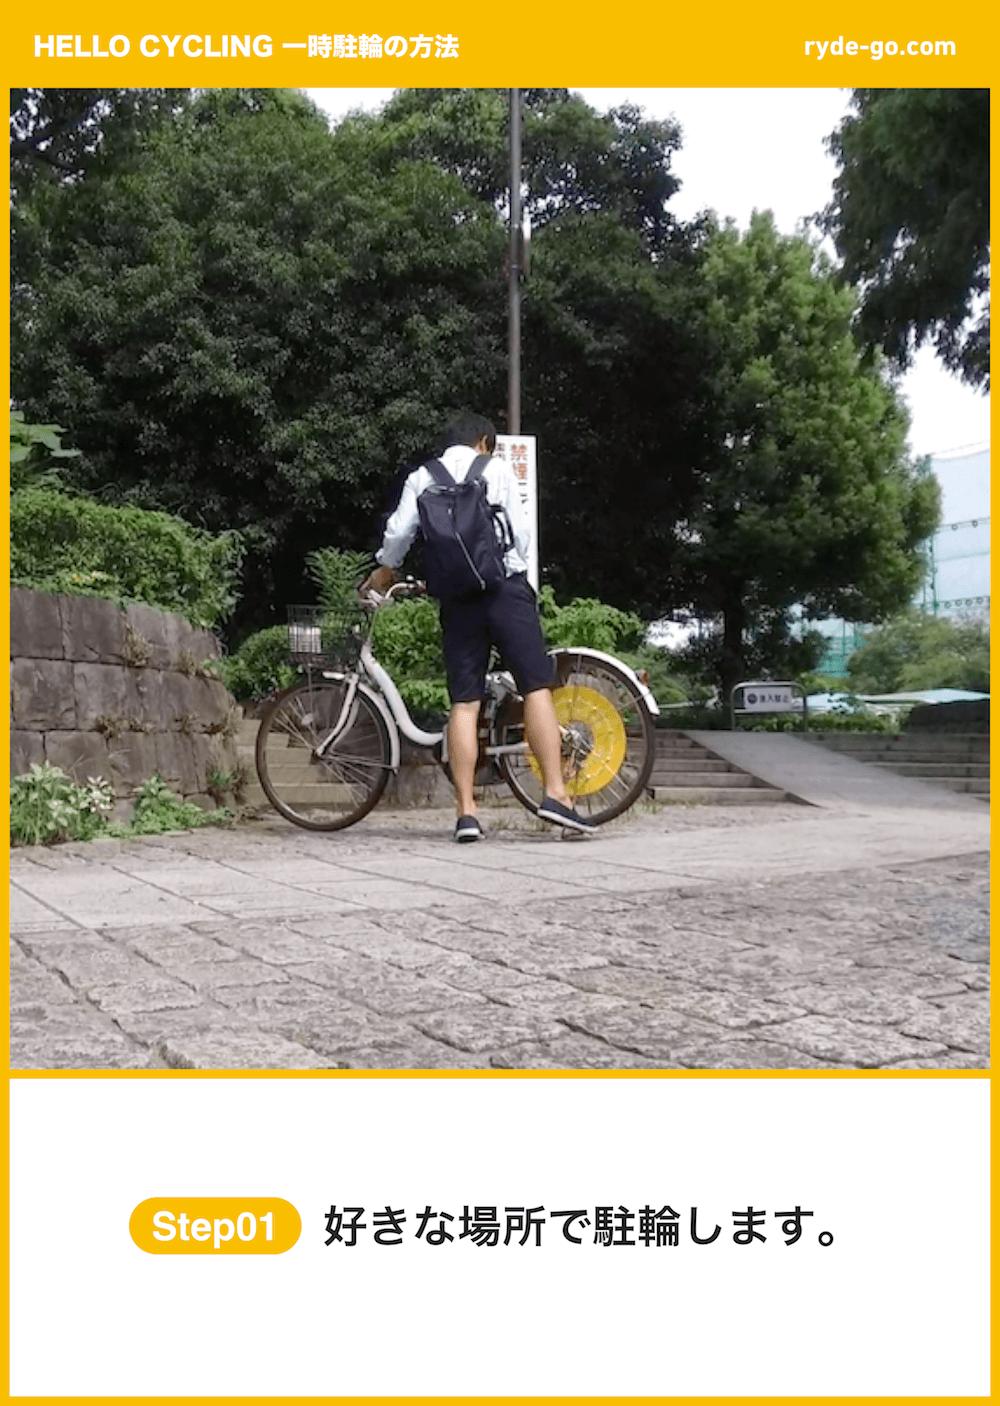 ハローサイクリング 駐輪